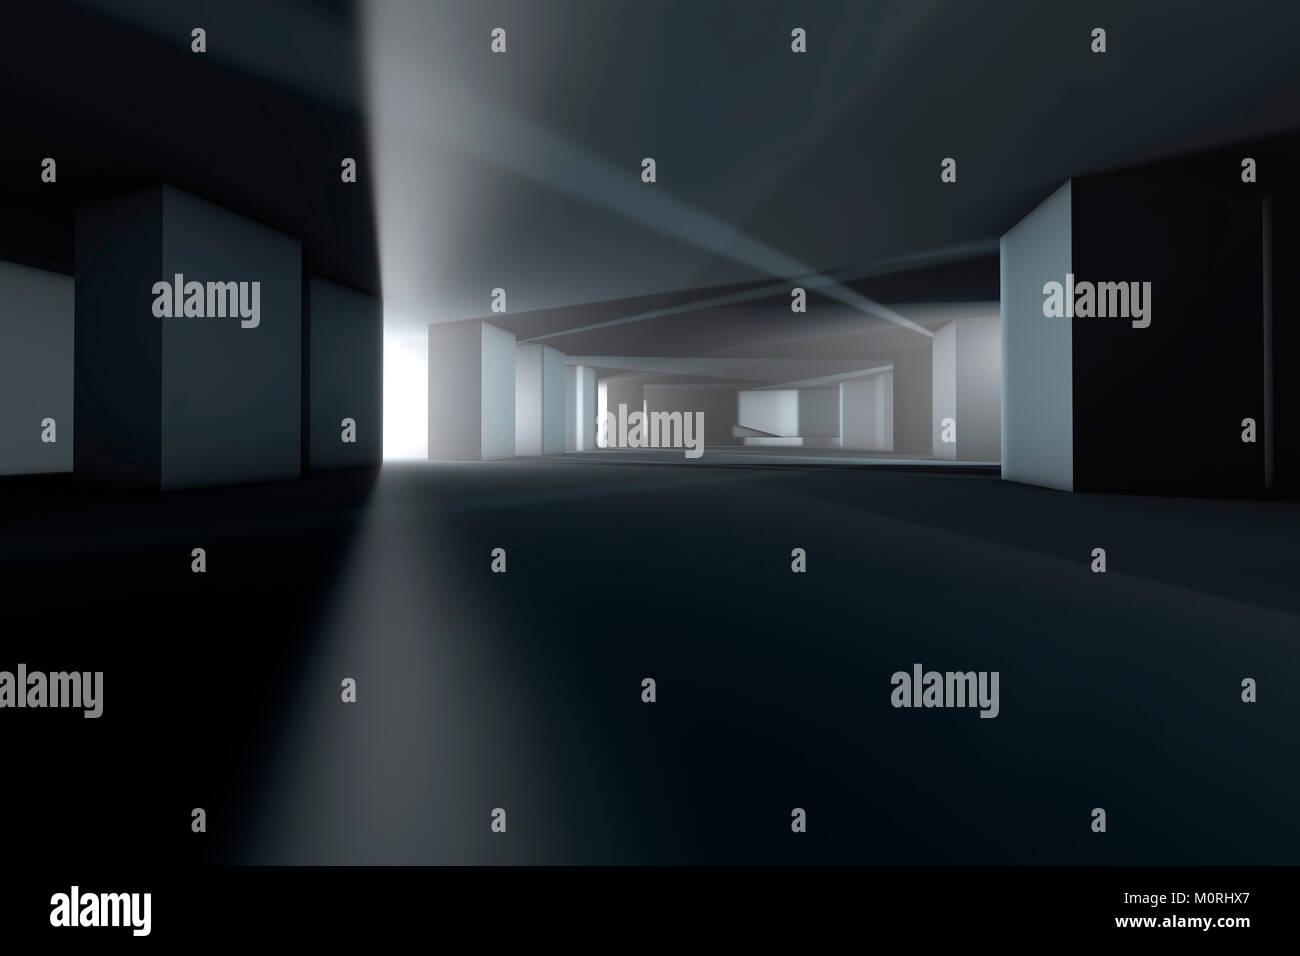 La visualisation de l'architecture d'un bâtiment vide, 3D Rendering Photo Stock